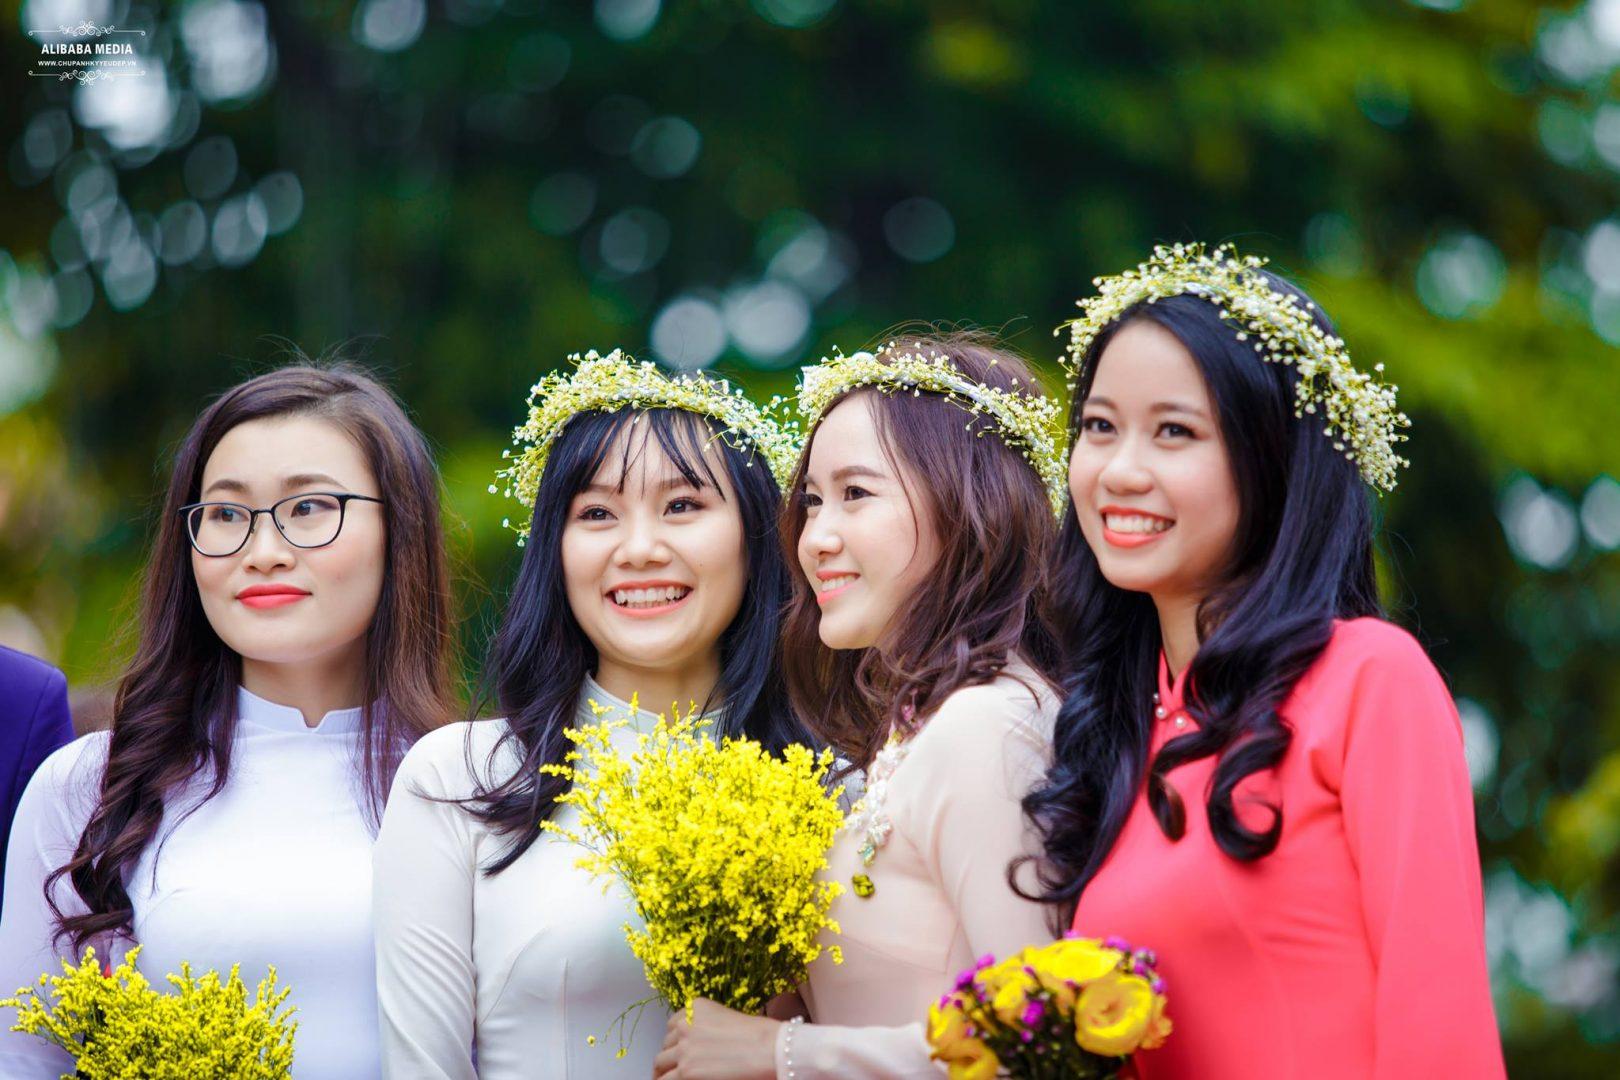 Giới thiệu trường đại học công nghiệp Hà Nội